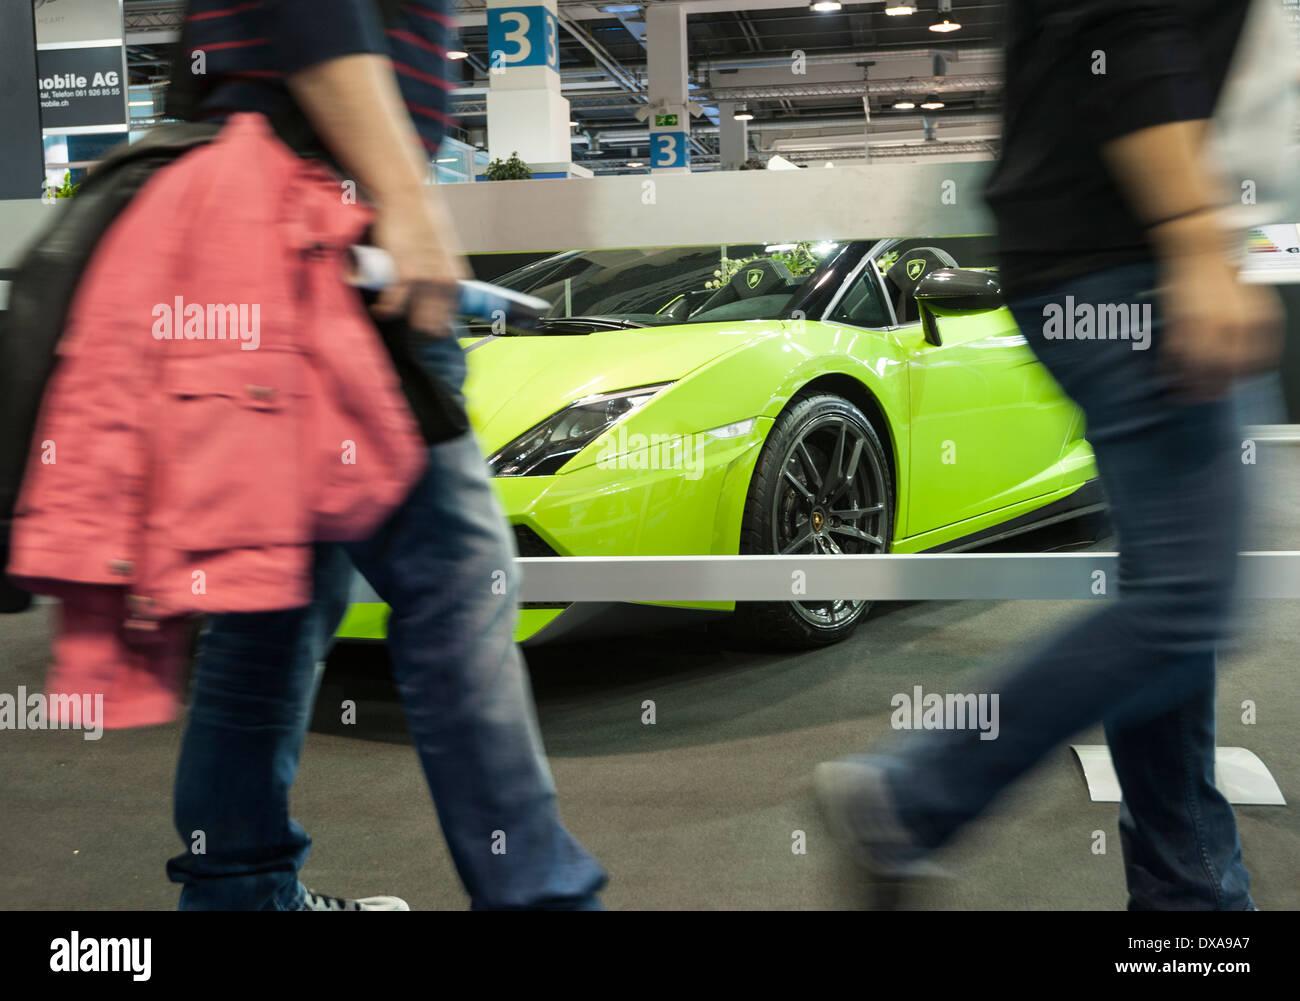 Besucher von der Motor Show in Zürich vorbei führen einen Lamborghini-Luxus-Sportwagen. Stockbild